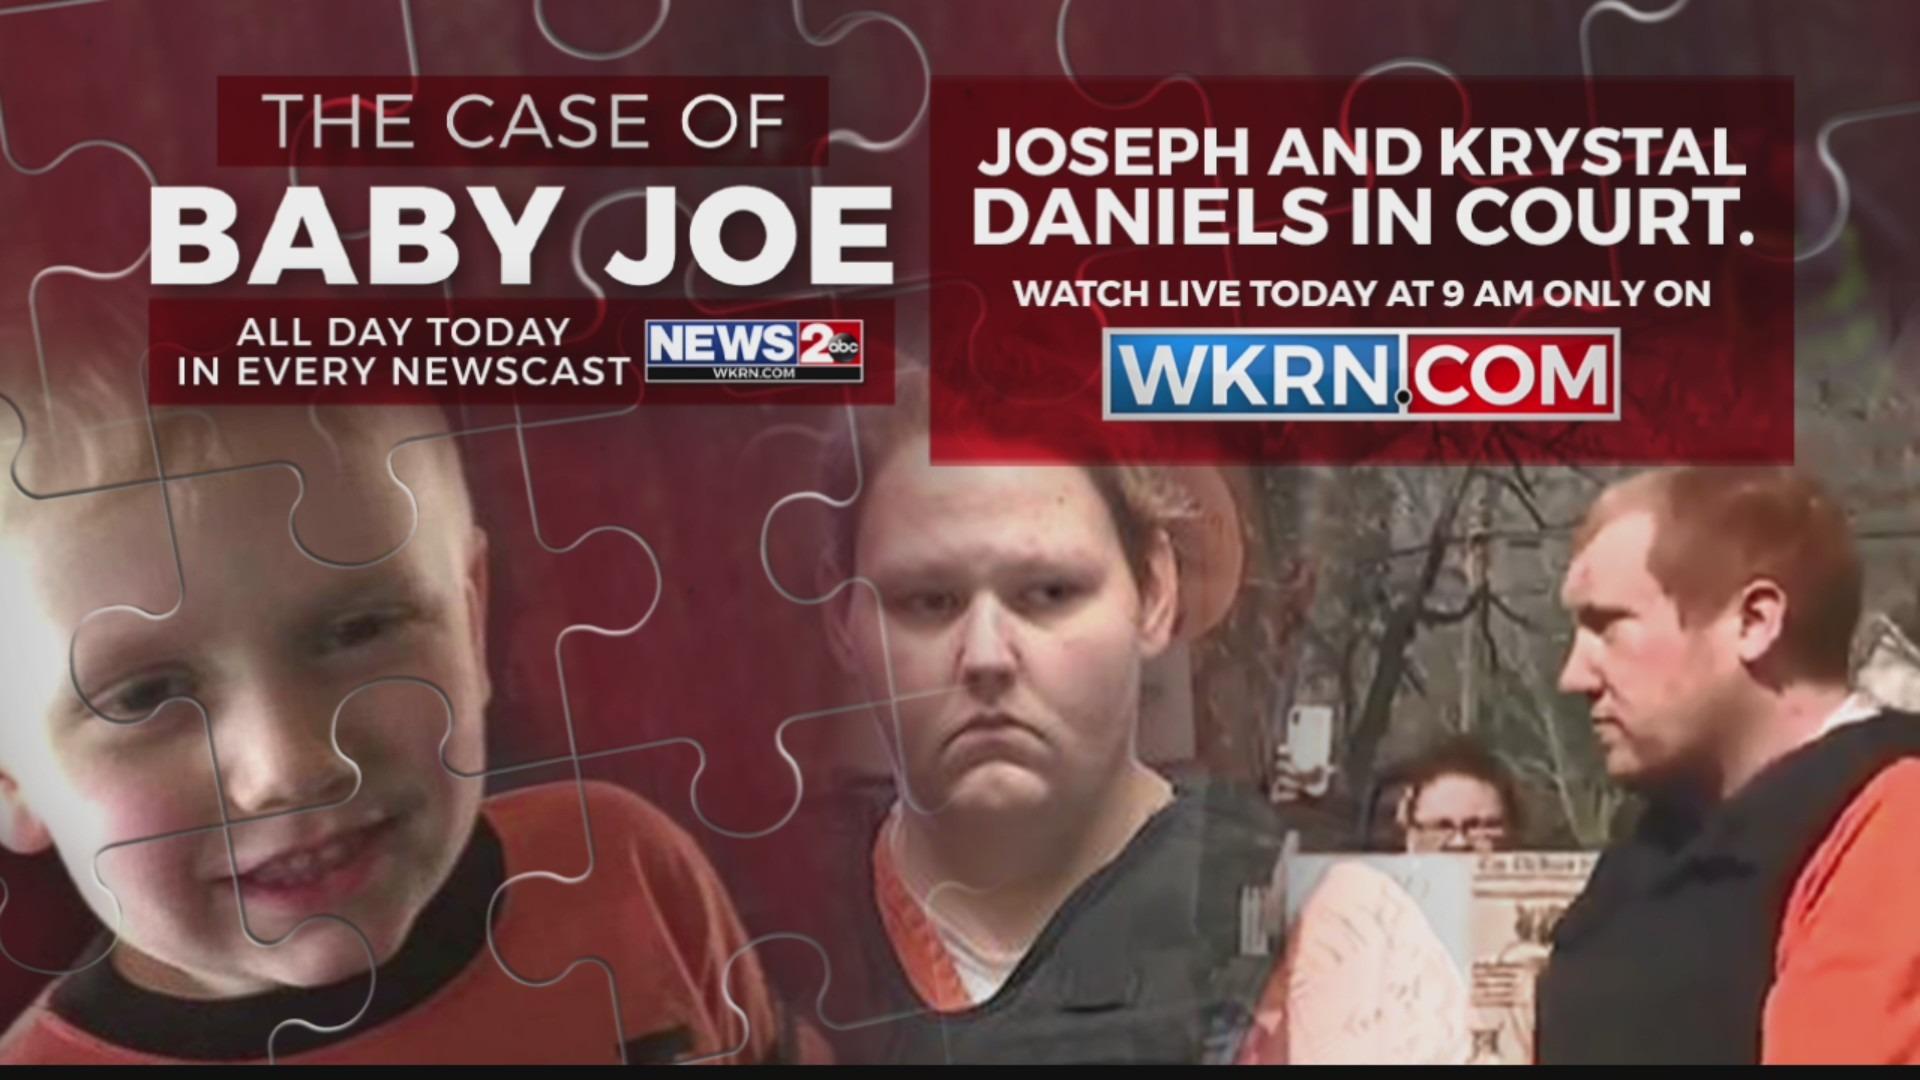 Baby Joe parents in court